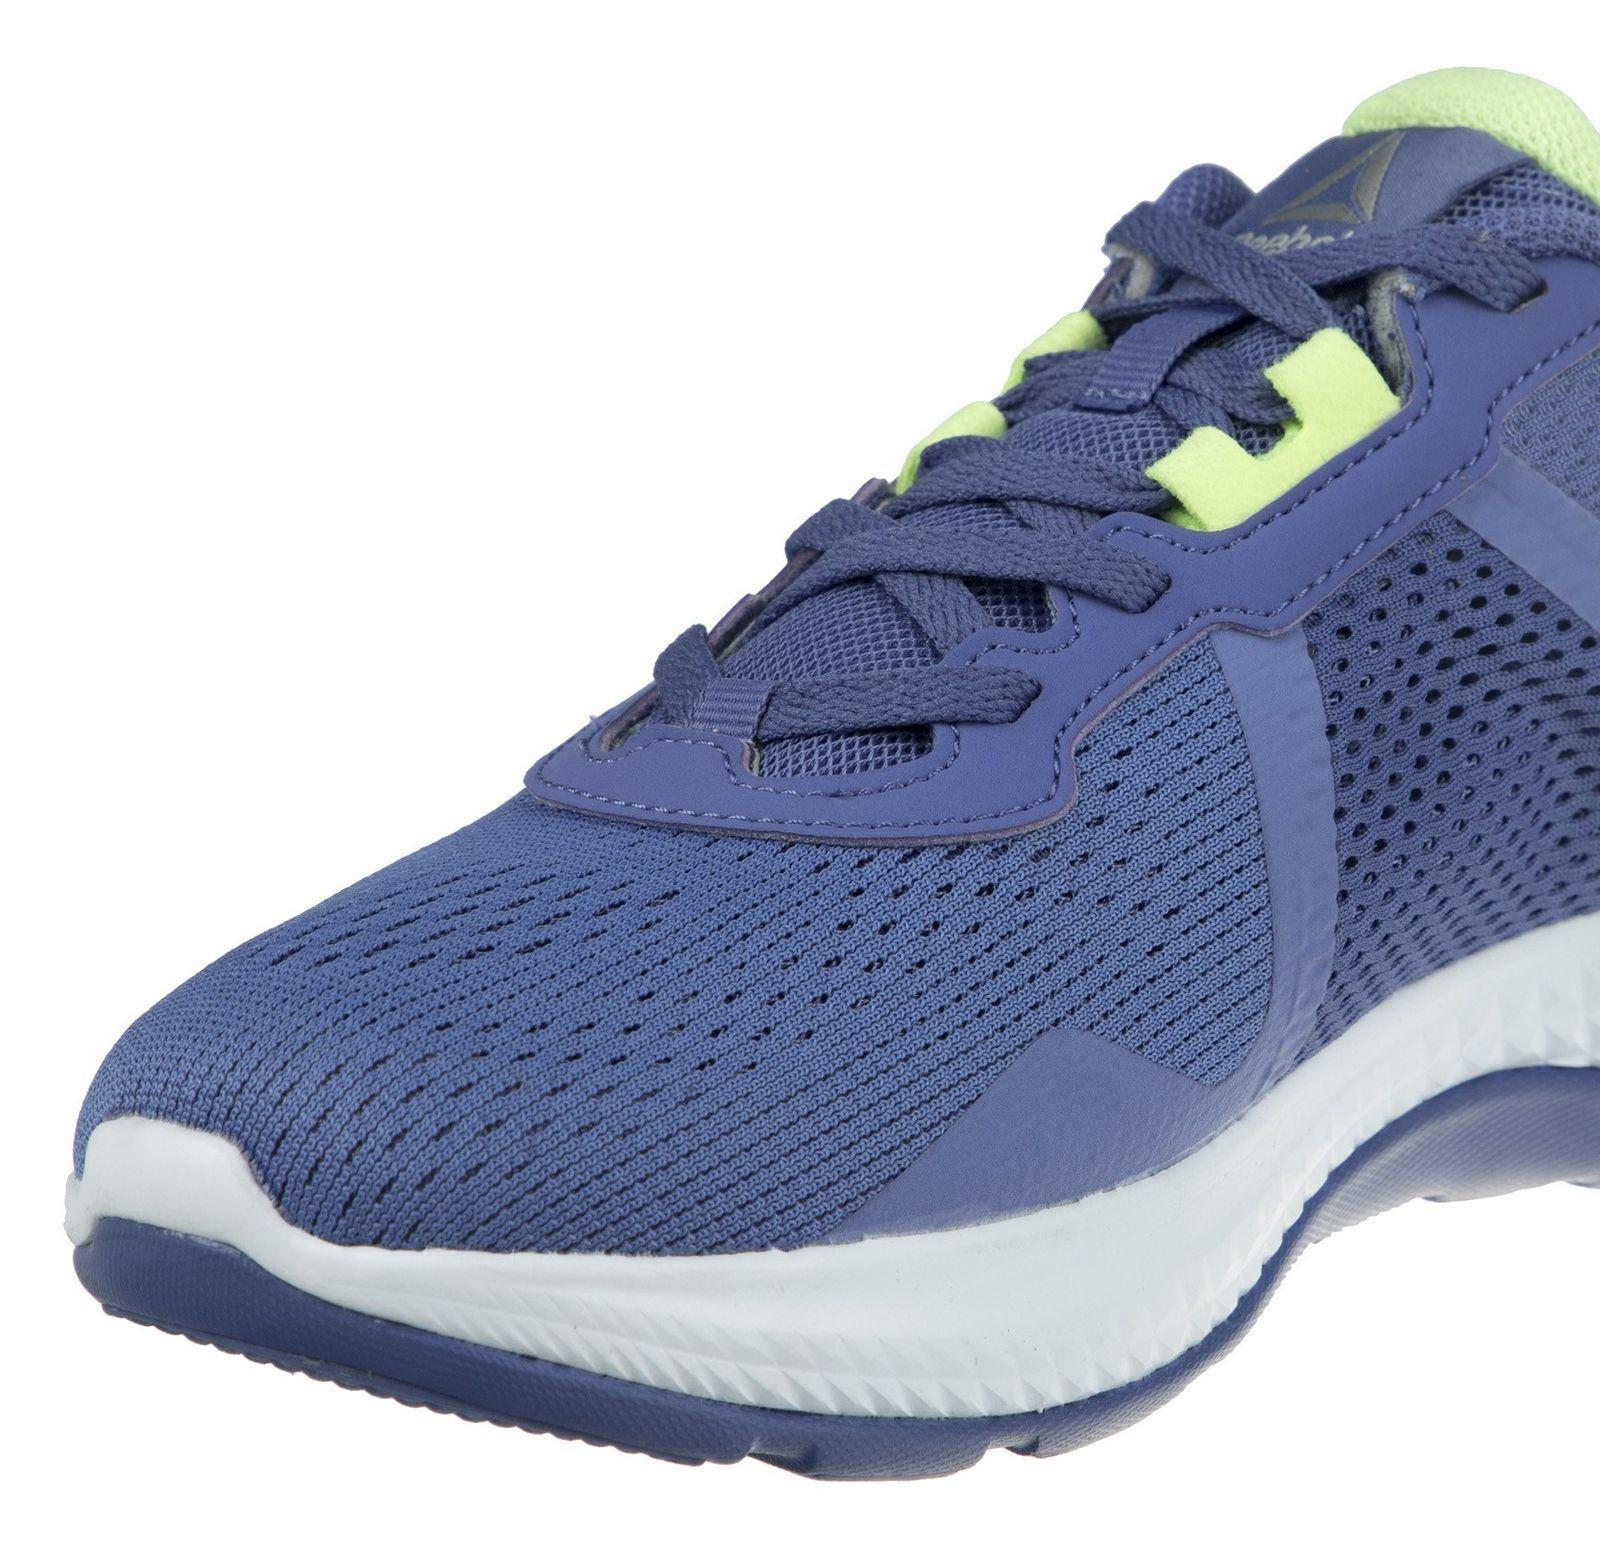 کفش دویدن بندی زنانه Astroride Duo Edge - ریباک - آبي - 6